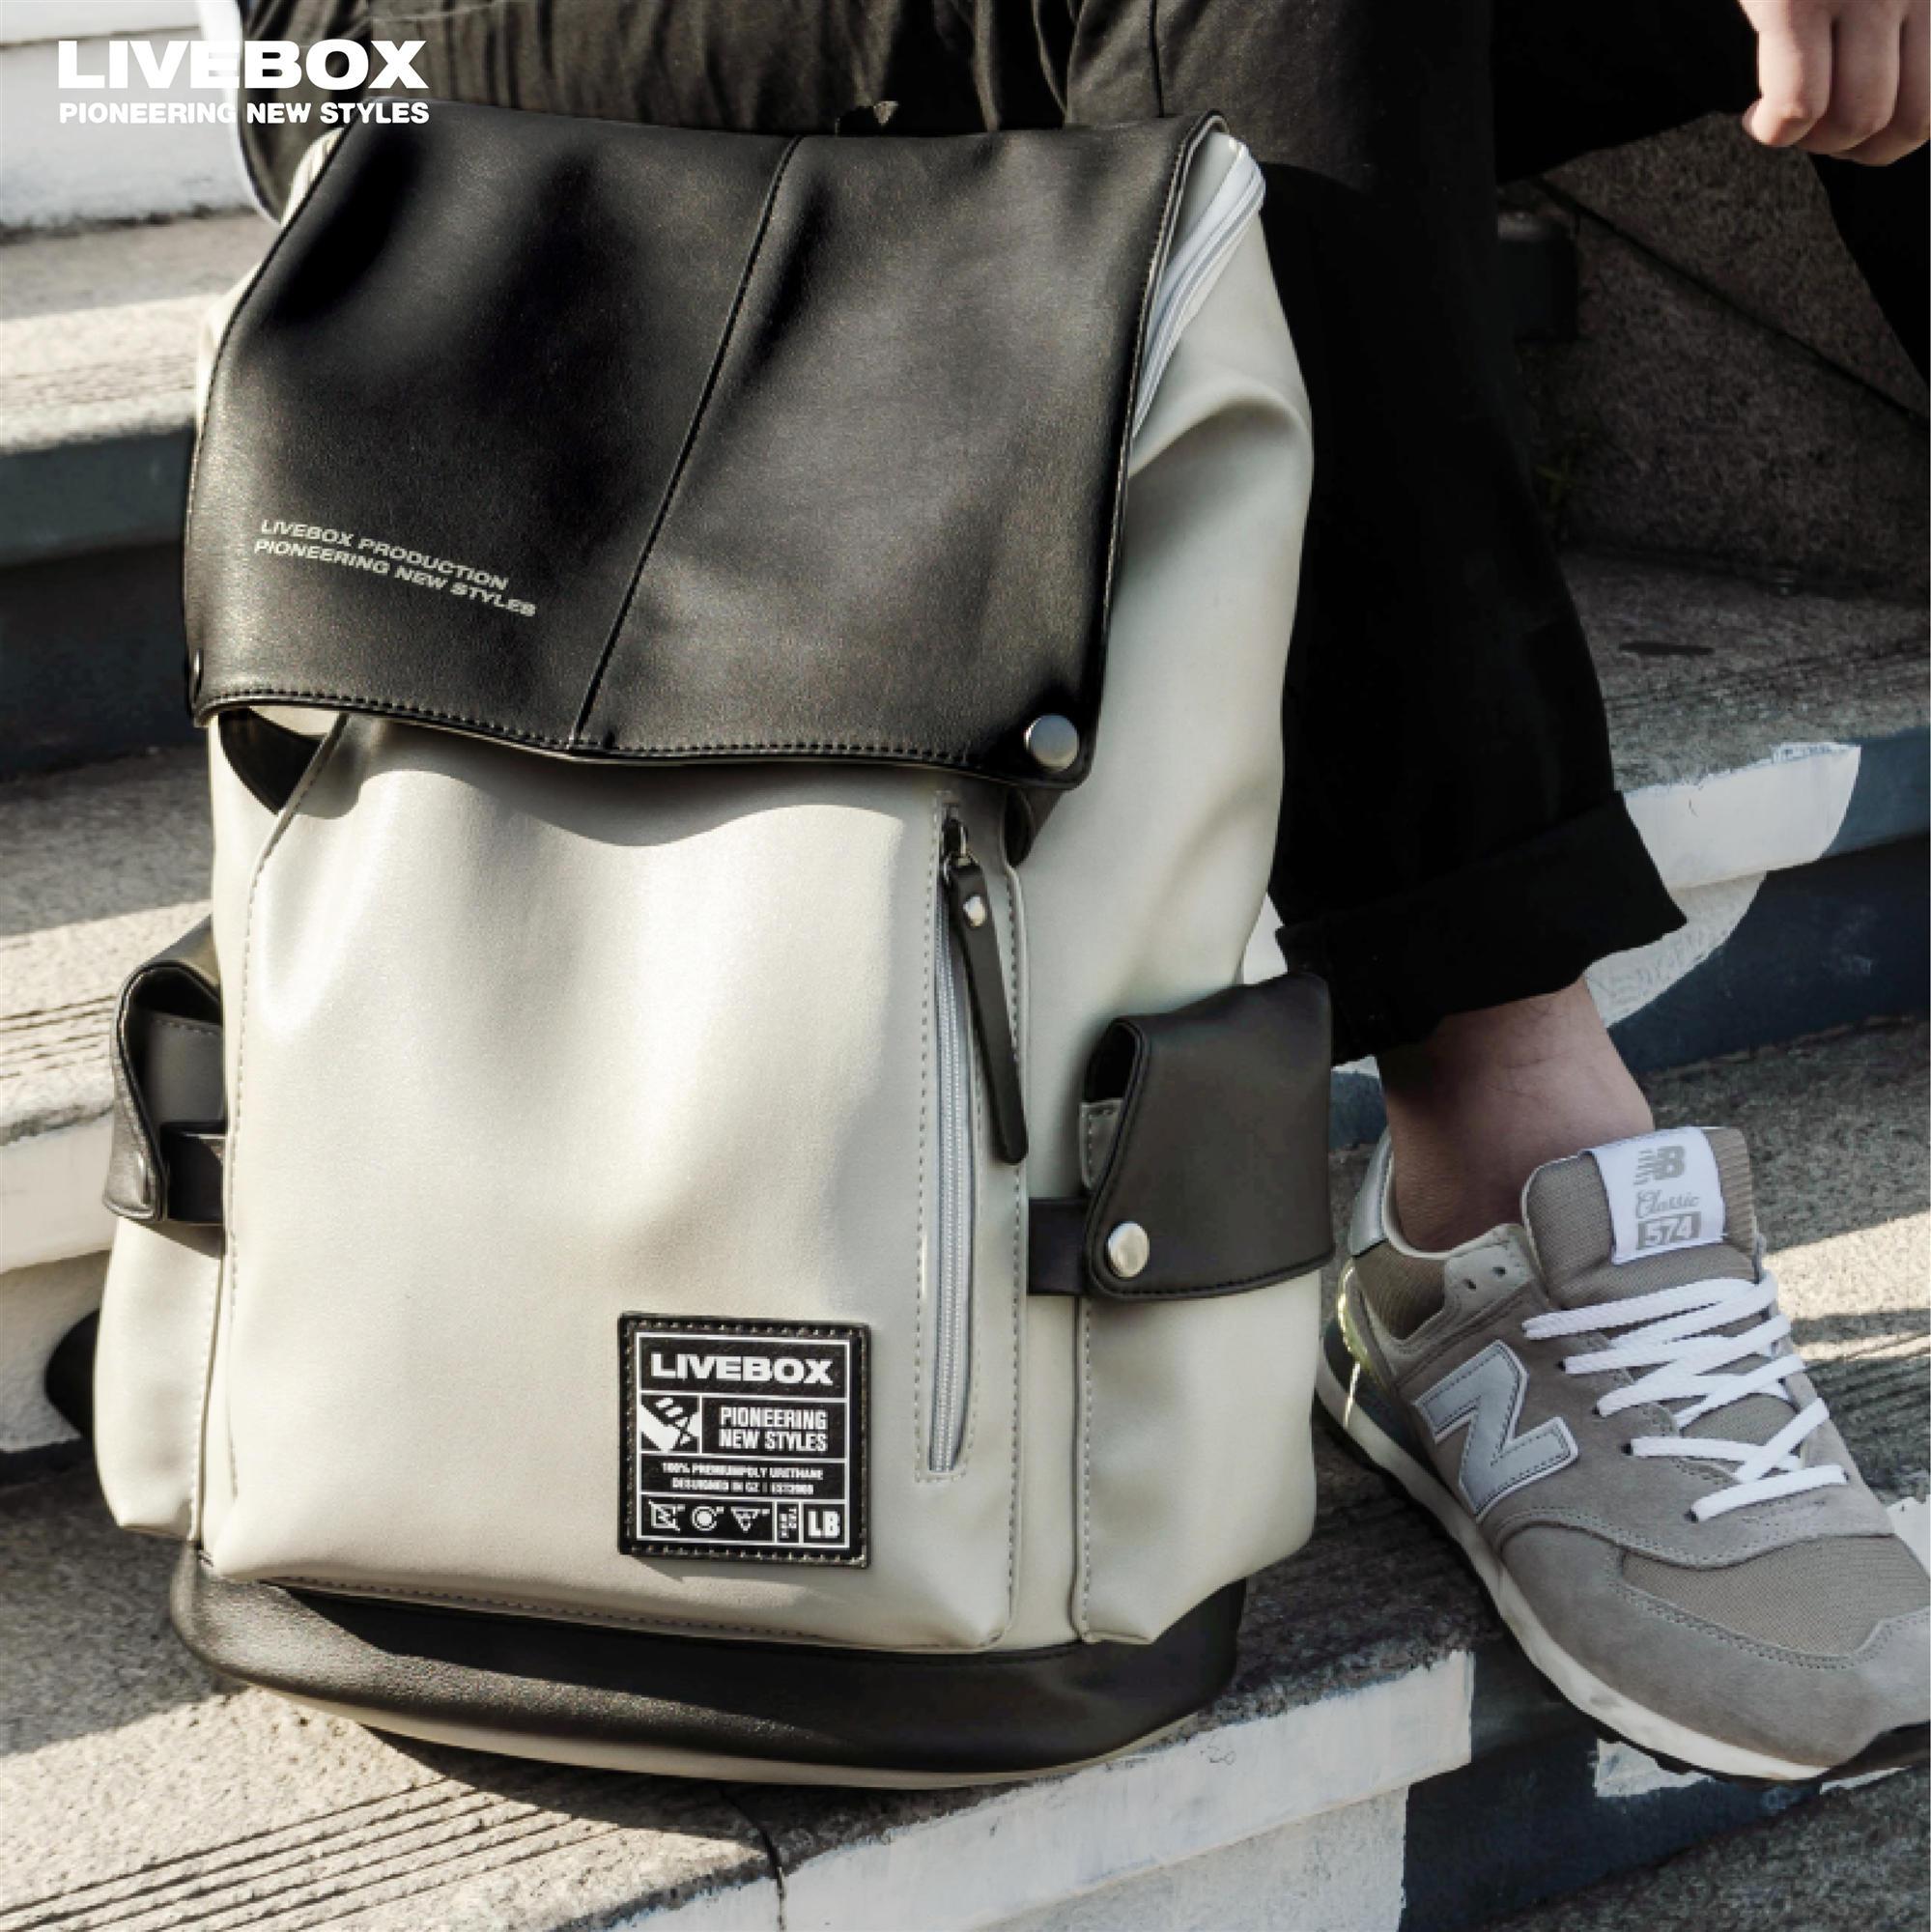 LIVEBOX 双肩包男士背包时尚潮流韩版书包休闲青年大学生简约旅行